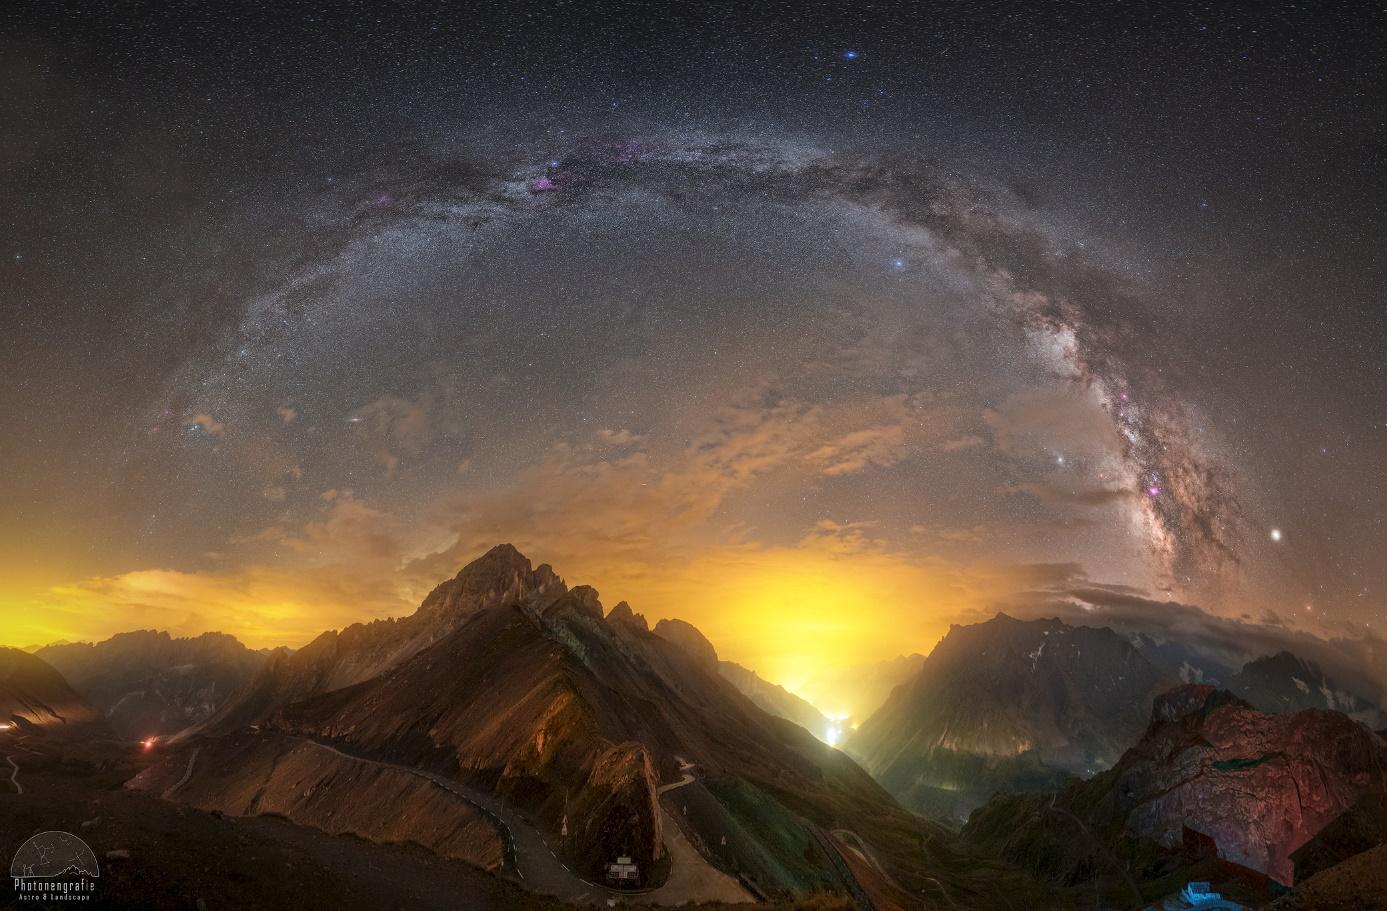 Ein Bild, das Natur, draußen, Berg enthält.  Automatisch generierte Beschreibung